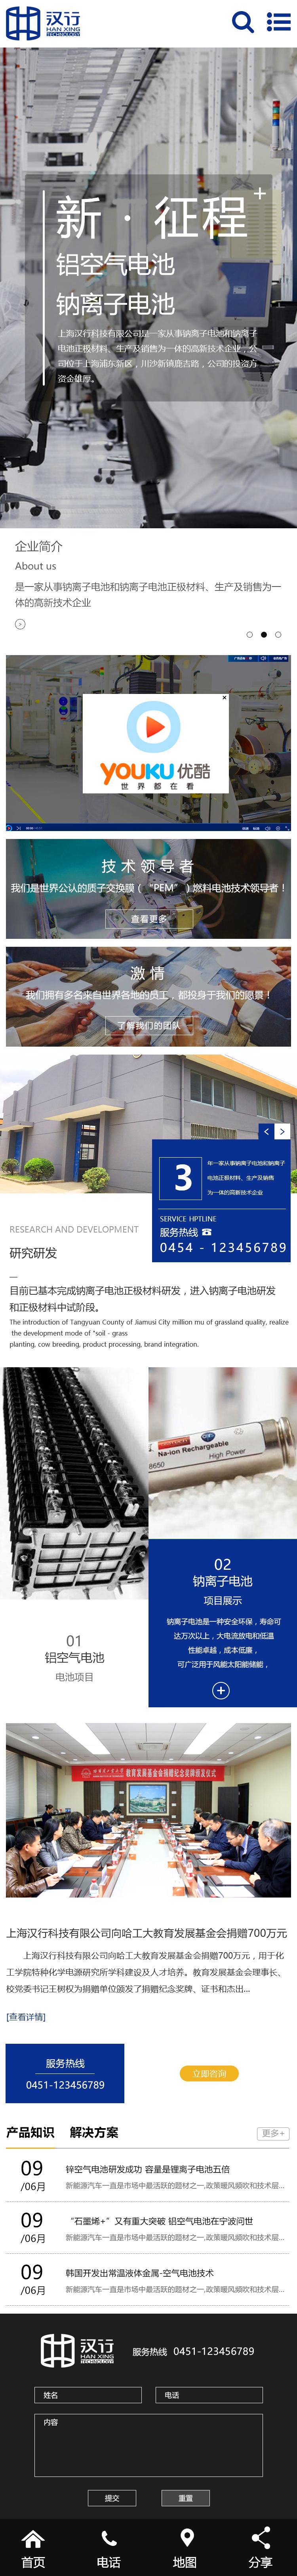 上海汉行科技有限公司